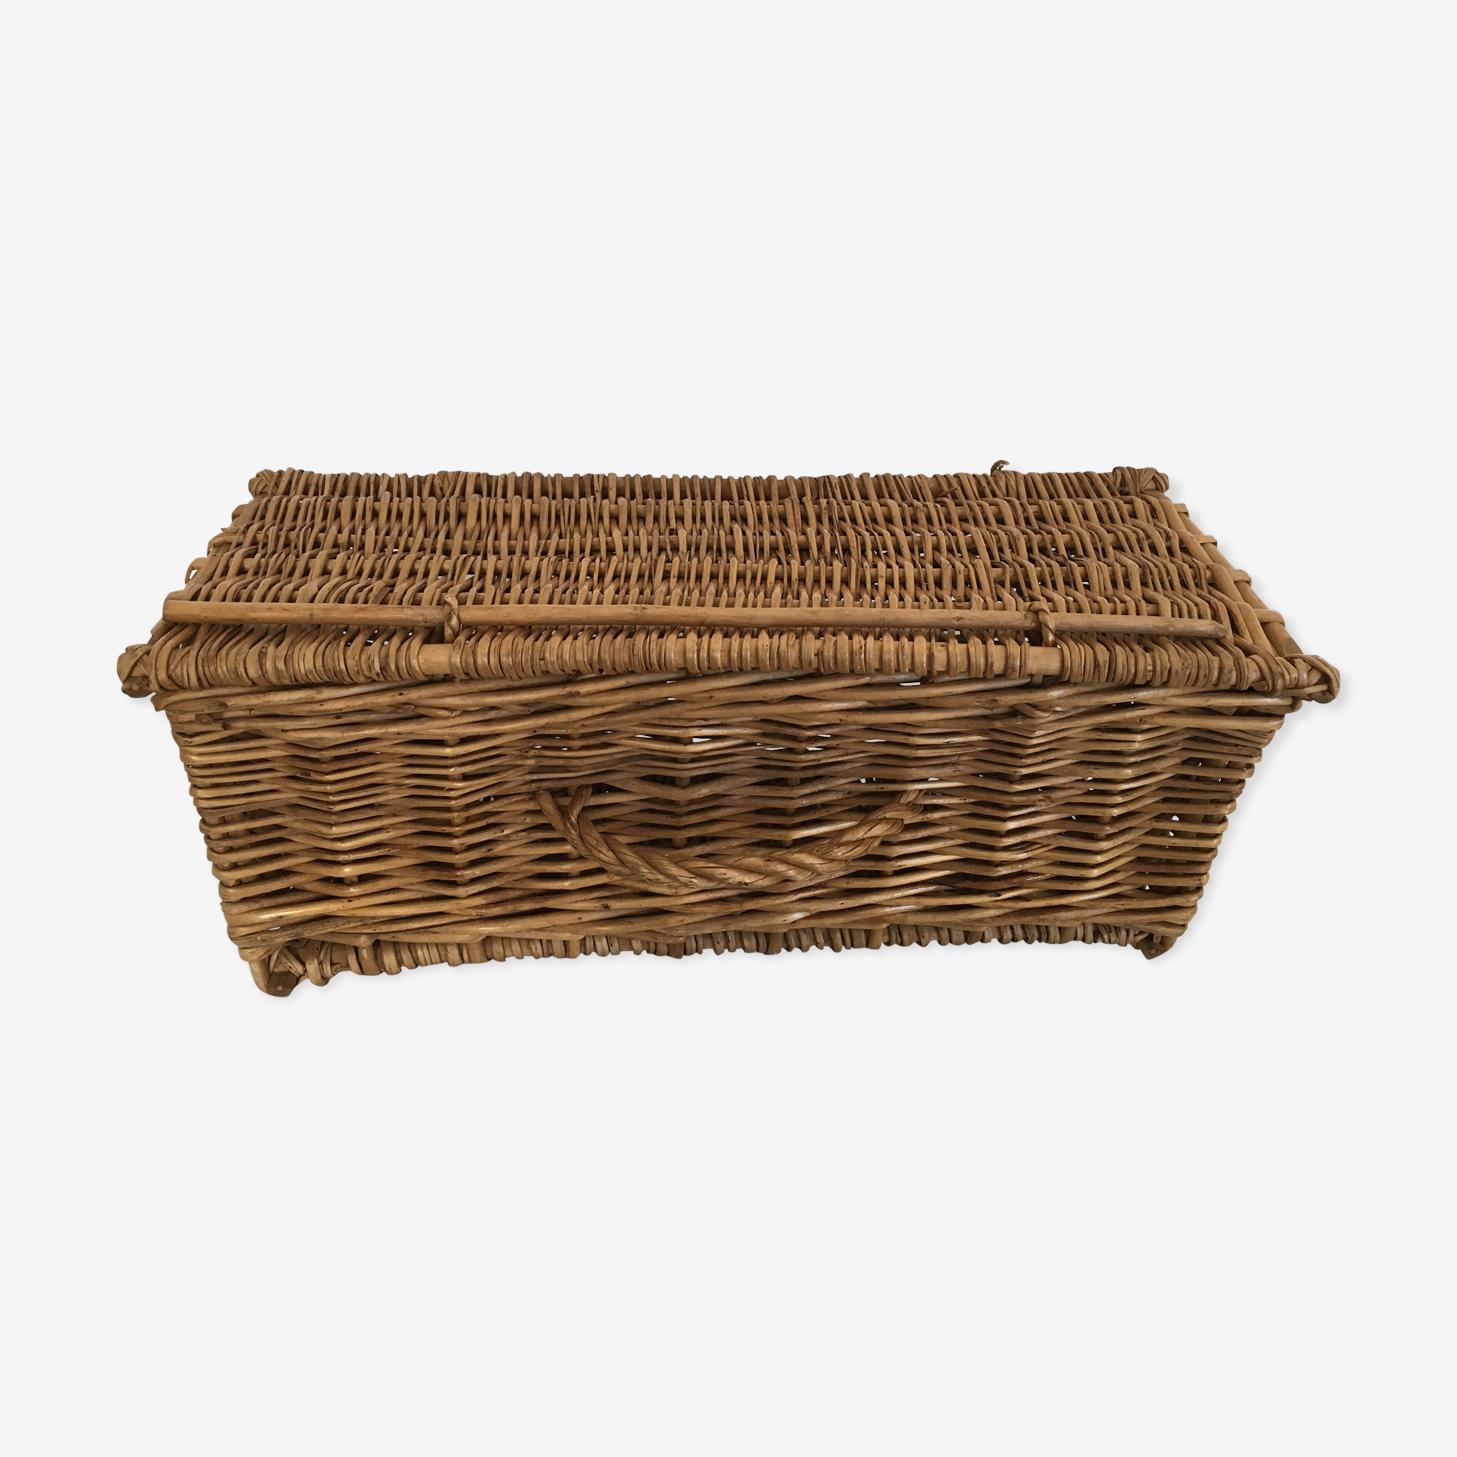 Basket fisherman rectangular 1960 trunk